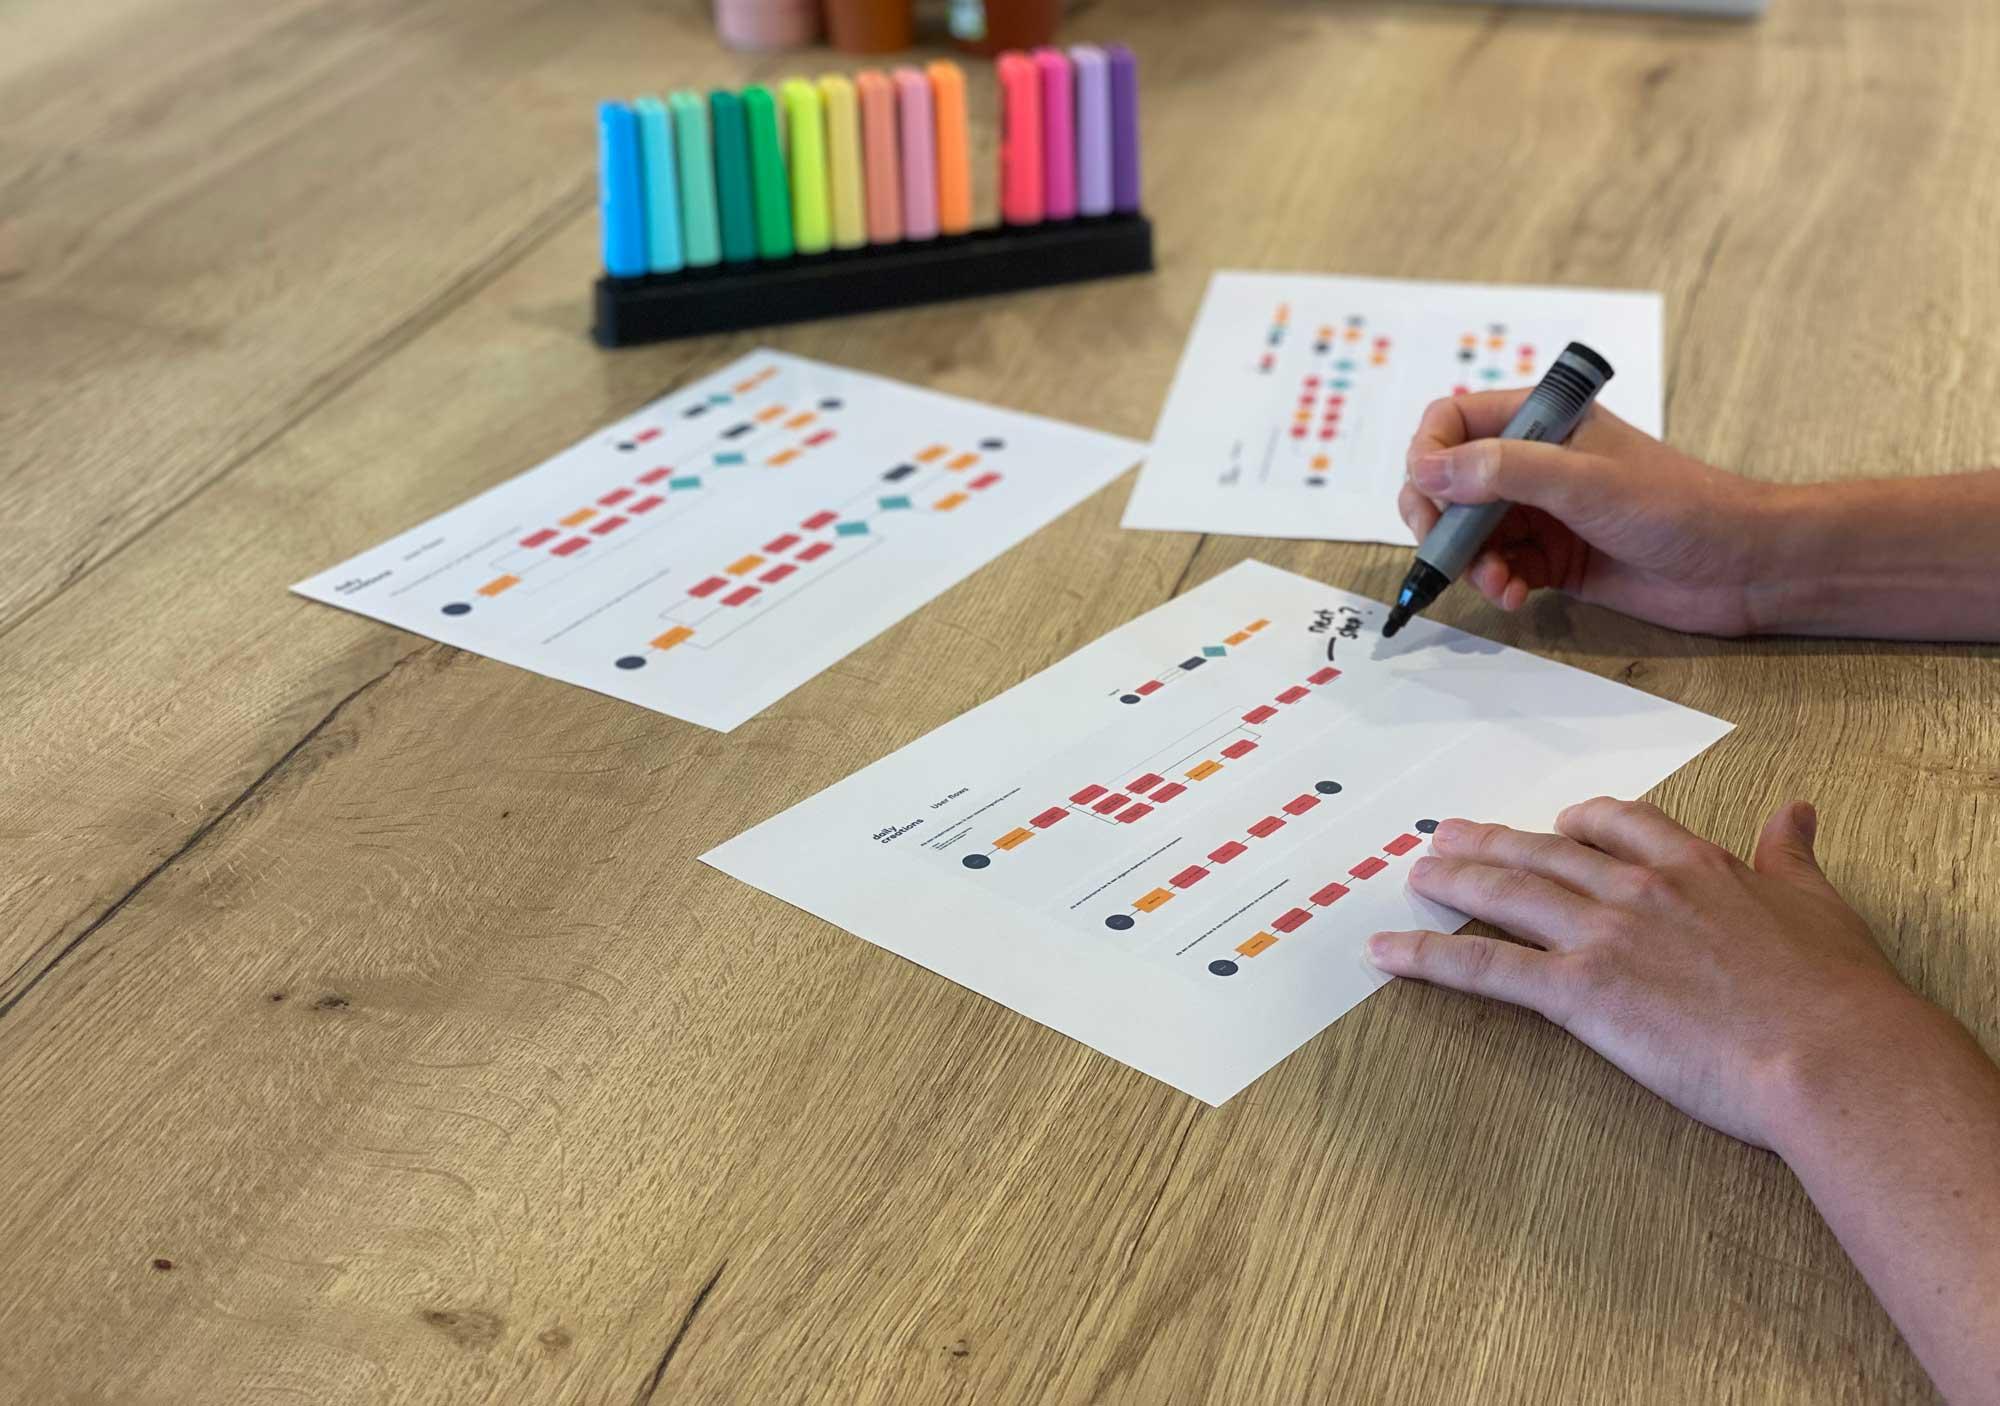 Designer schetst een user flow